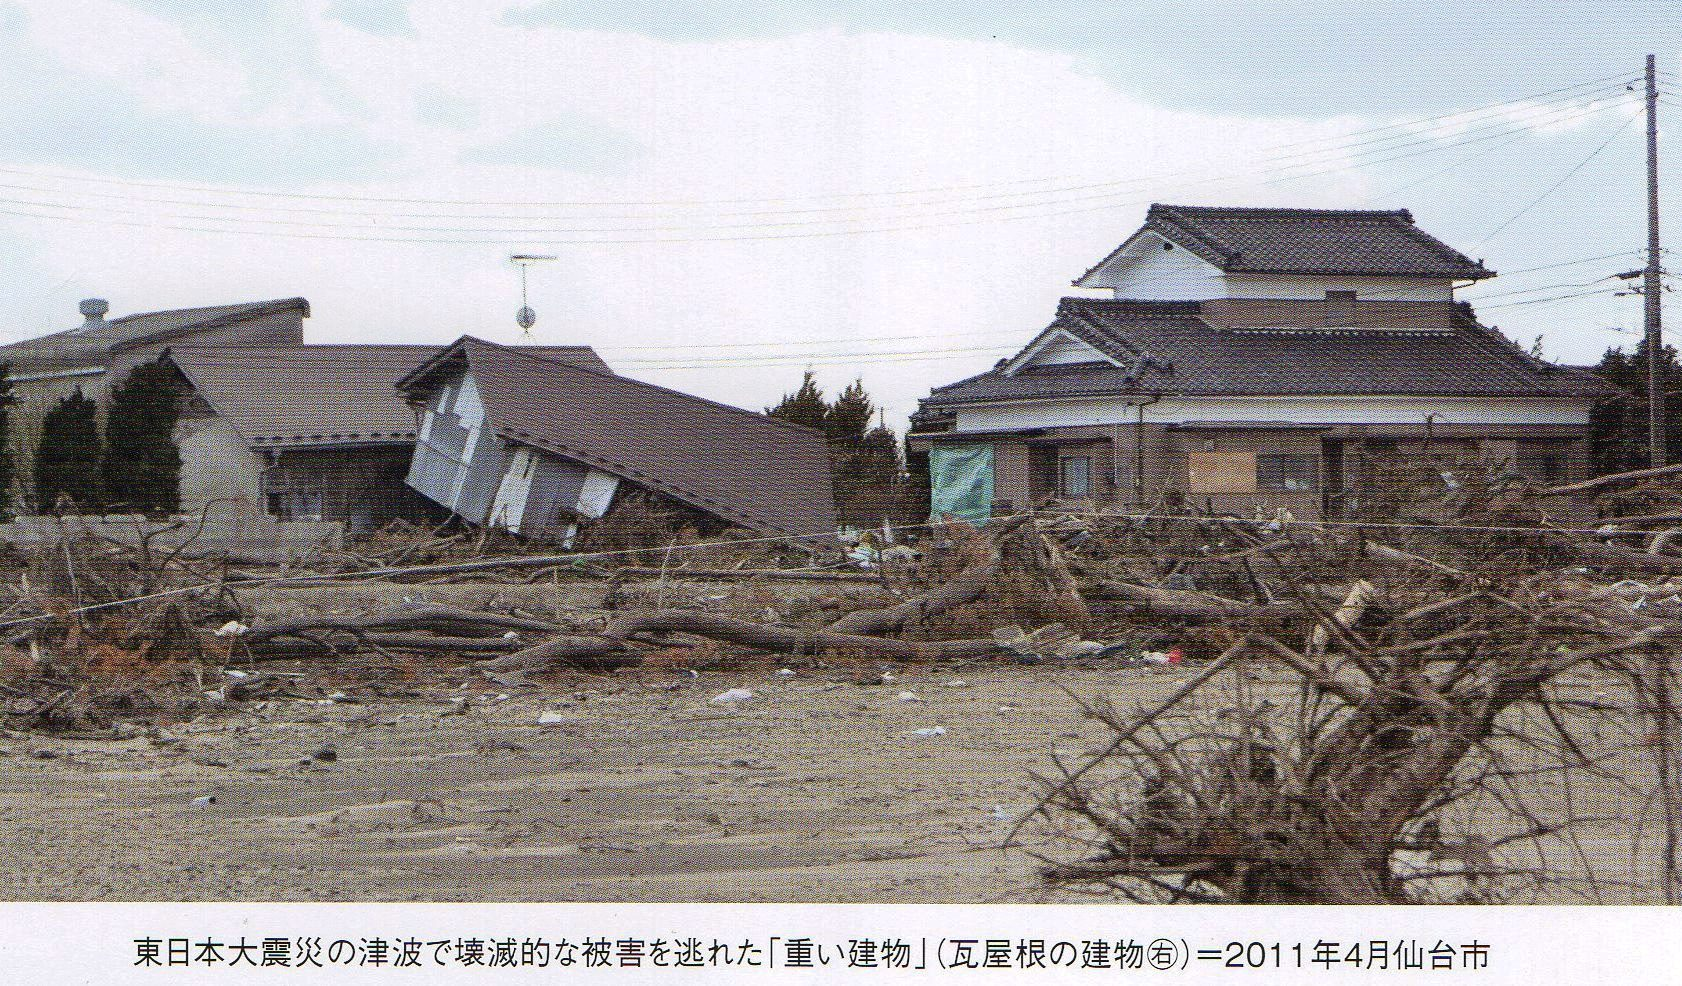 東日本大震災で倒壊を免れた瓦の家.jpg